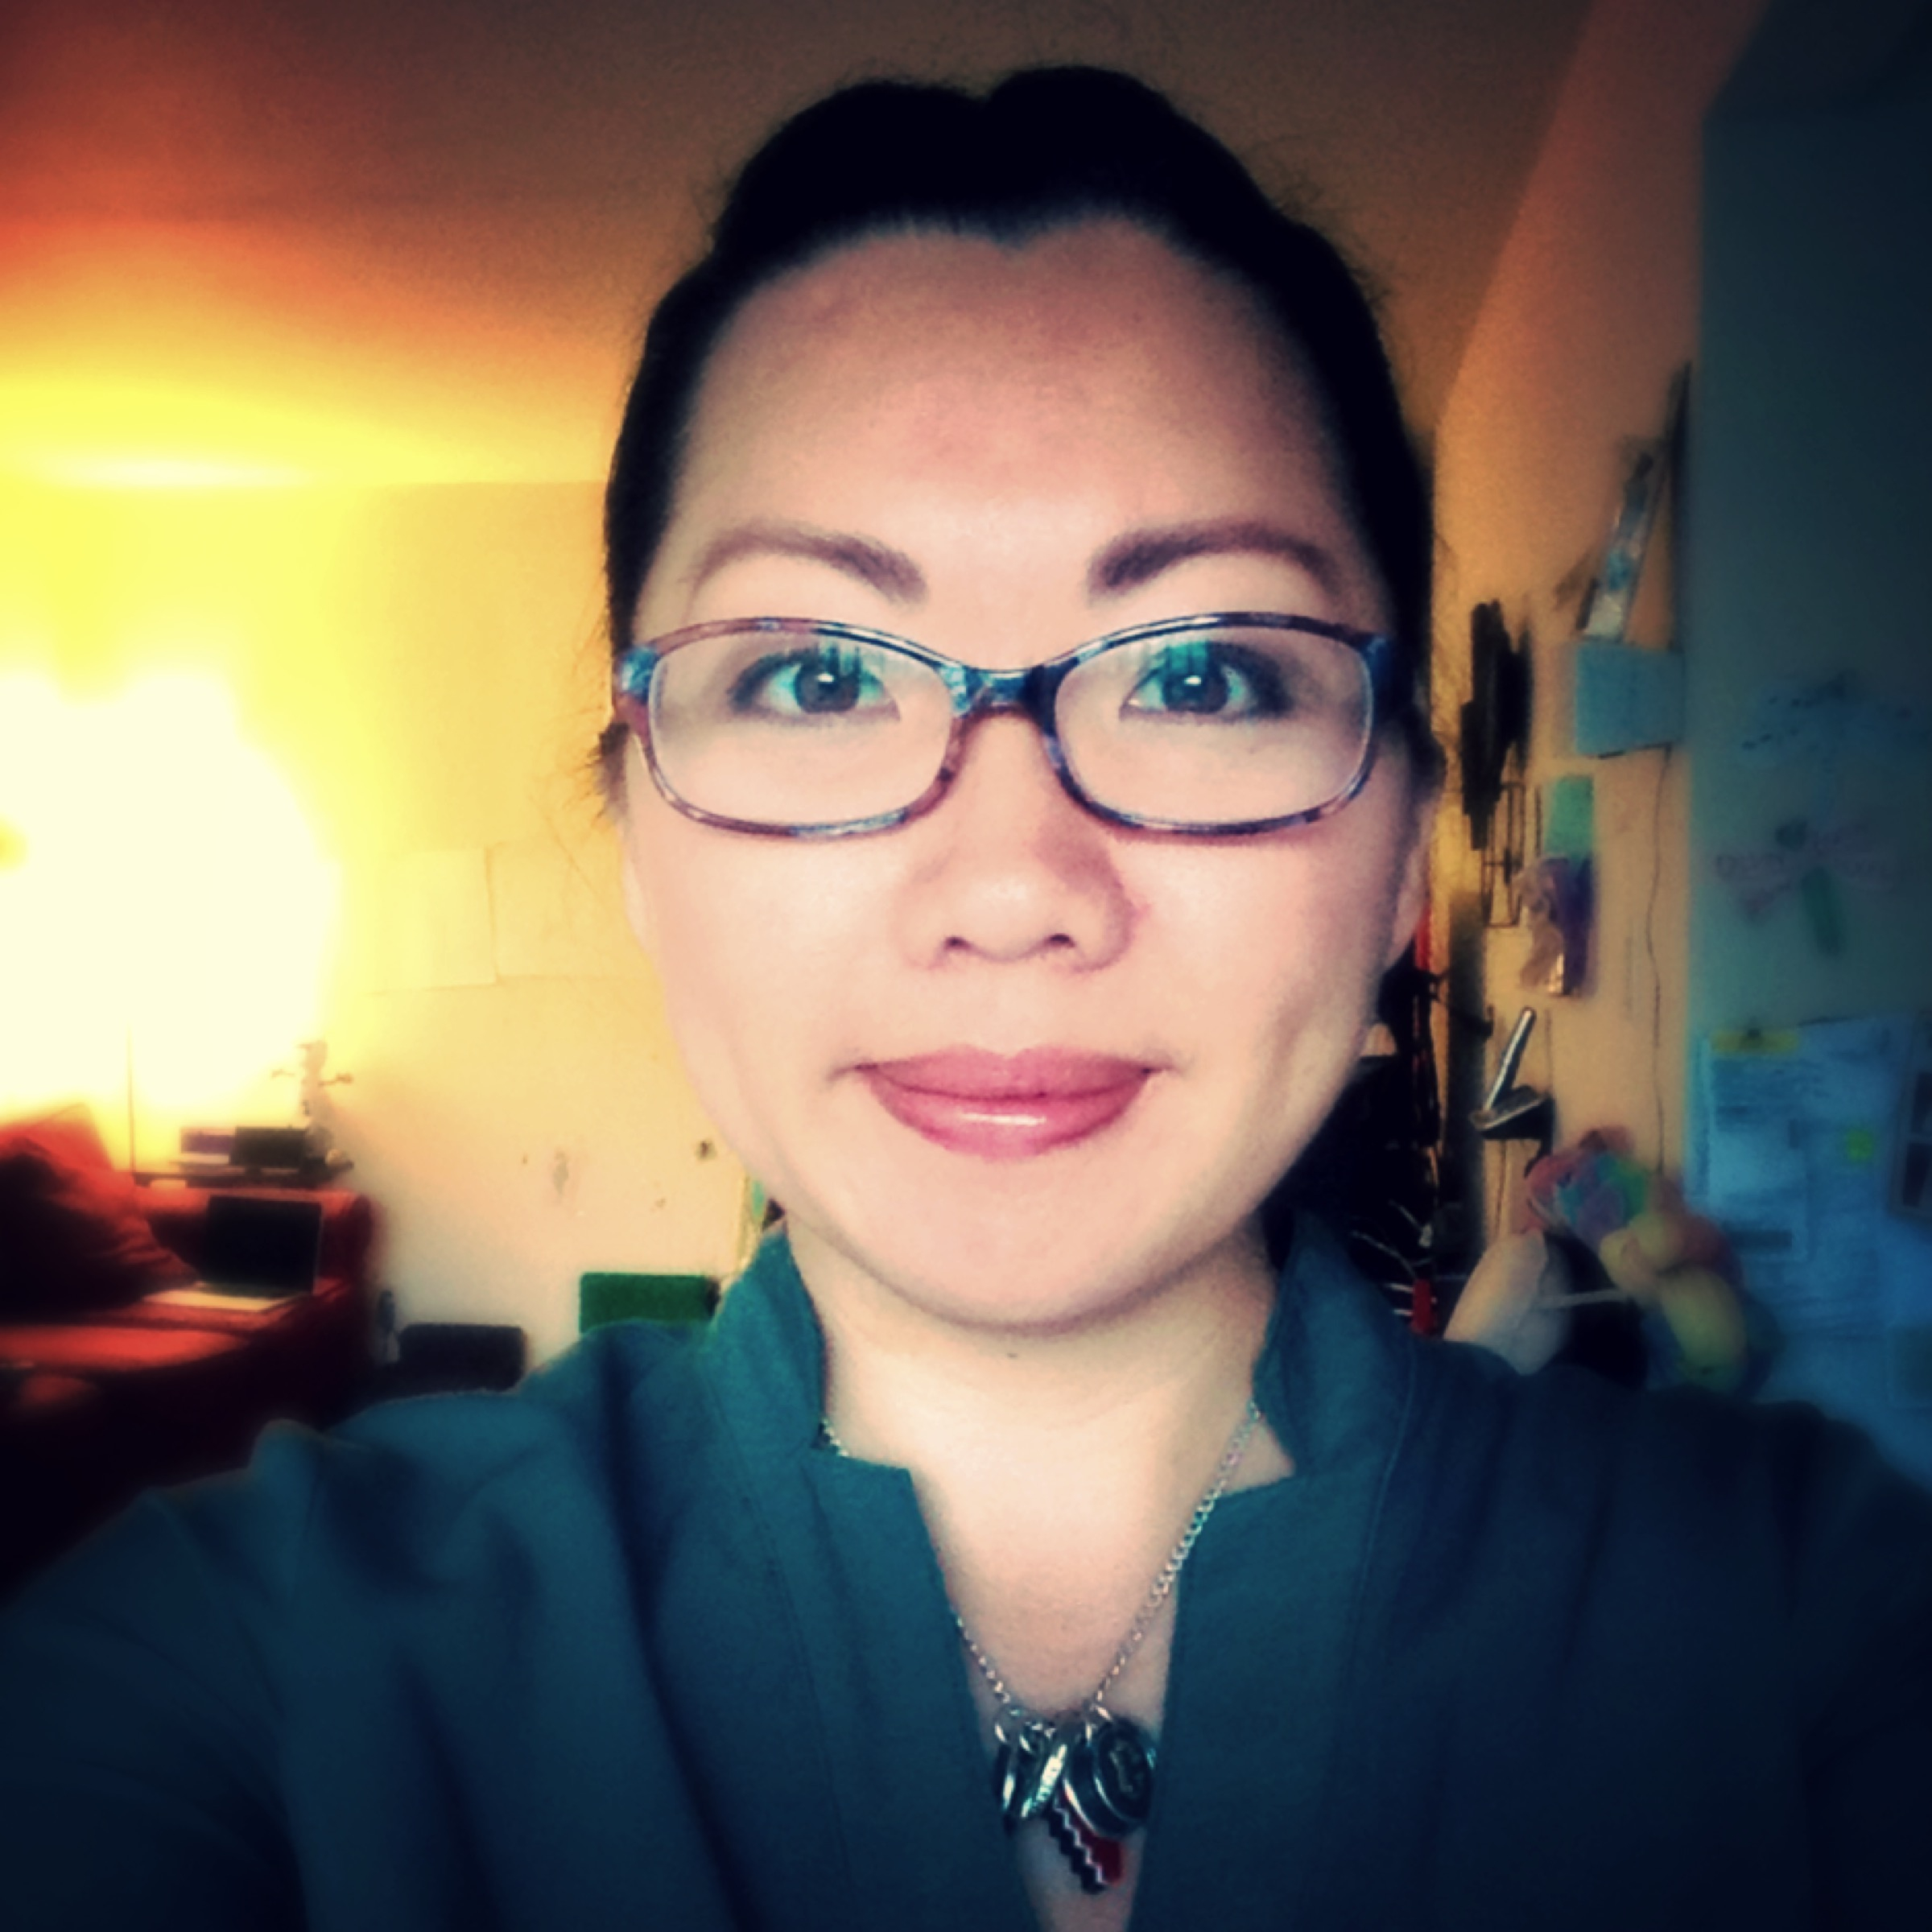 Me with makeup.